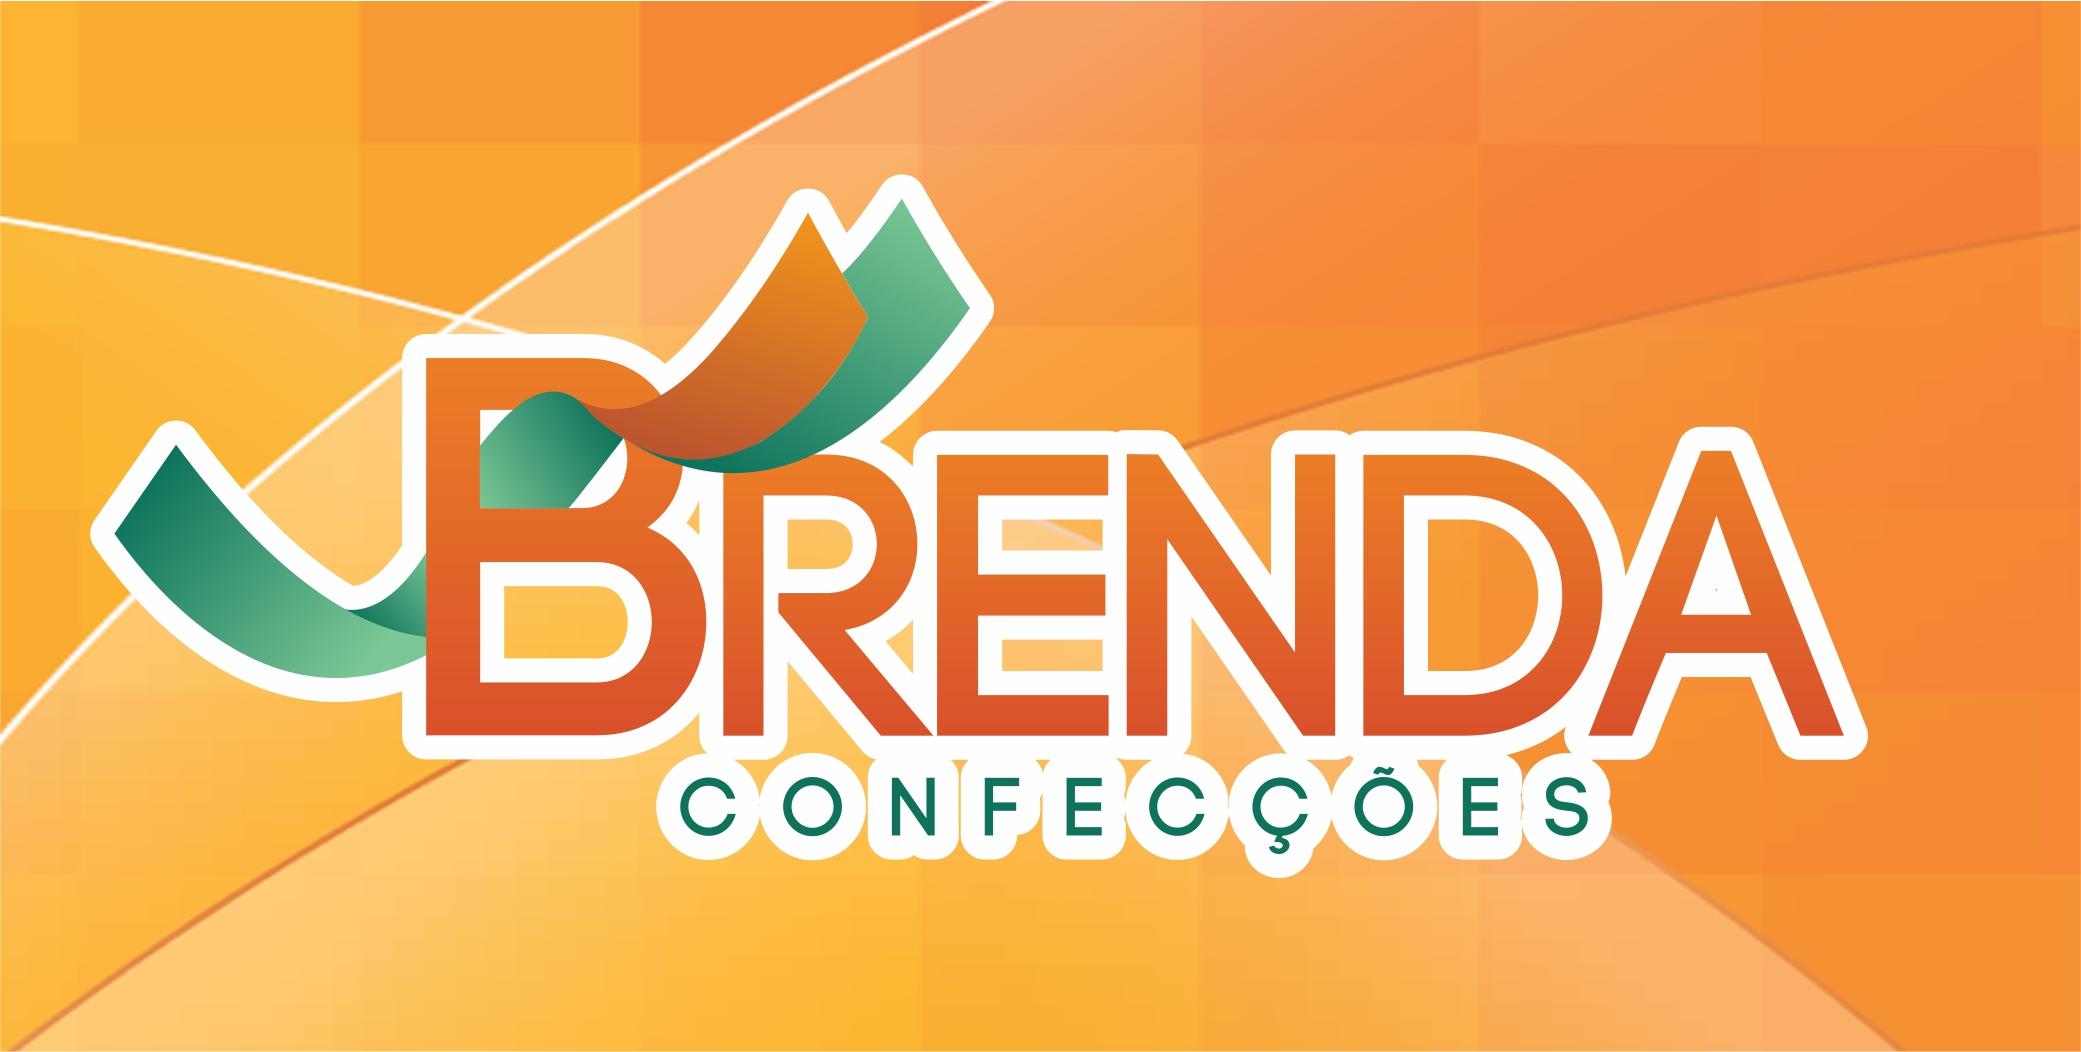 Brenda Confecções